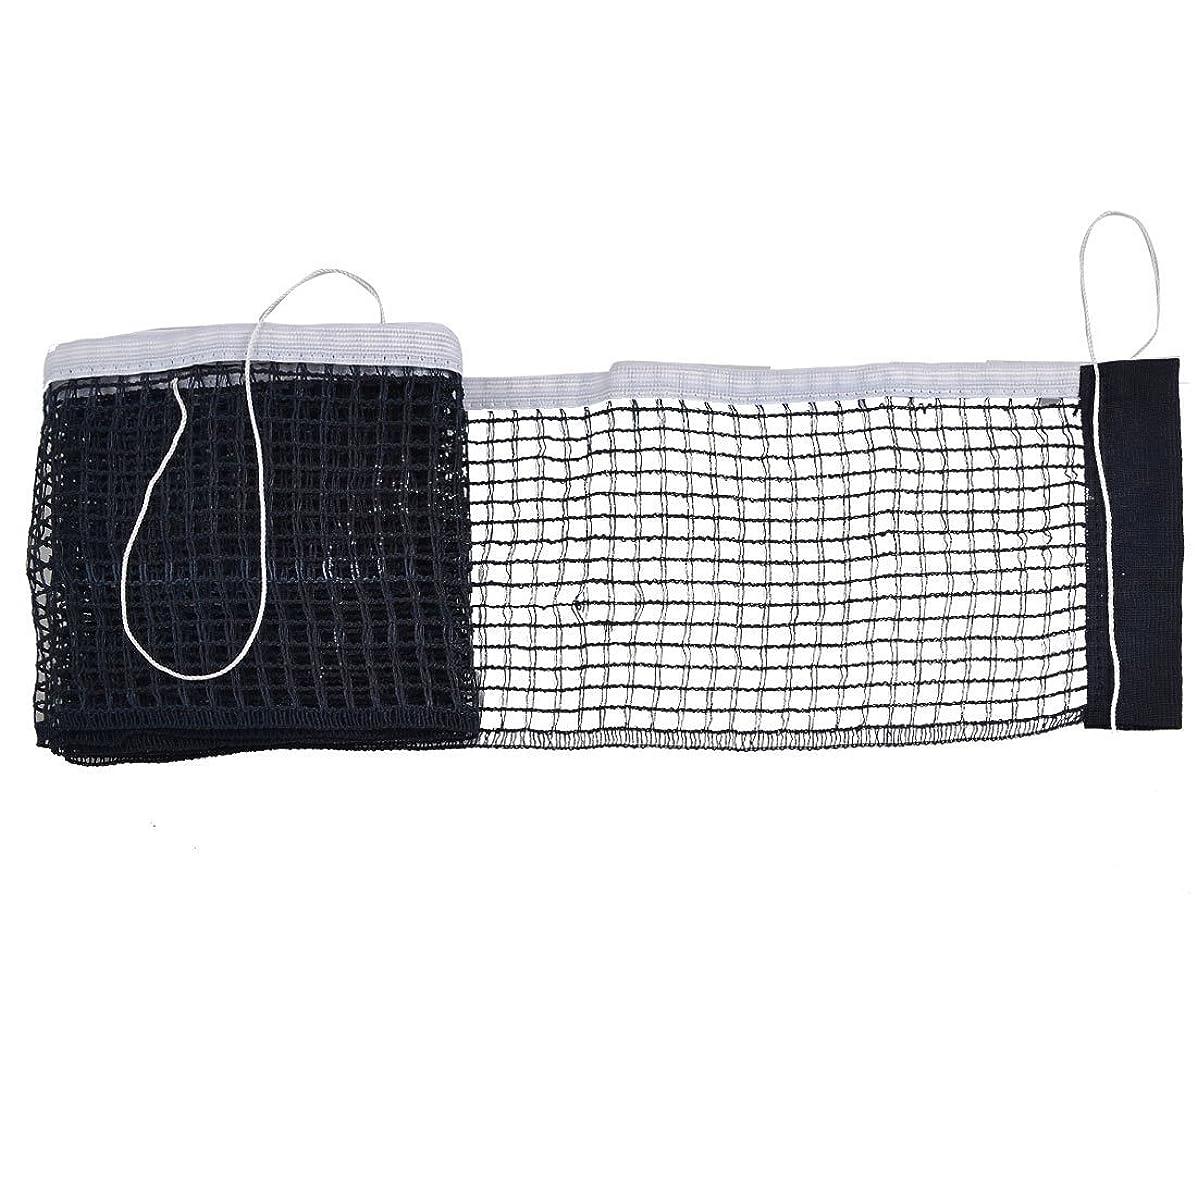 噴水ステップ申し込む運動用品,SODIAL(R)新しいテニス用網の取替用予備品161x15cm